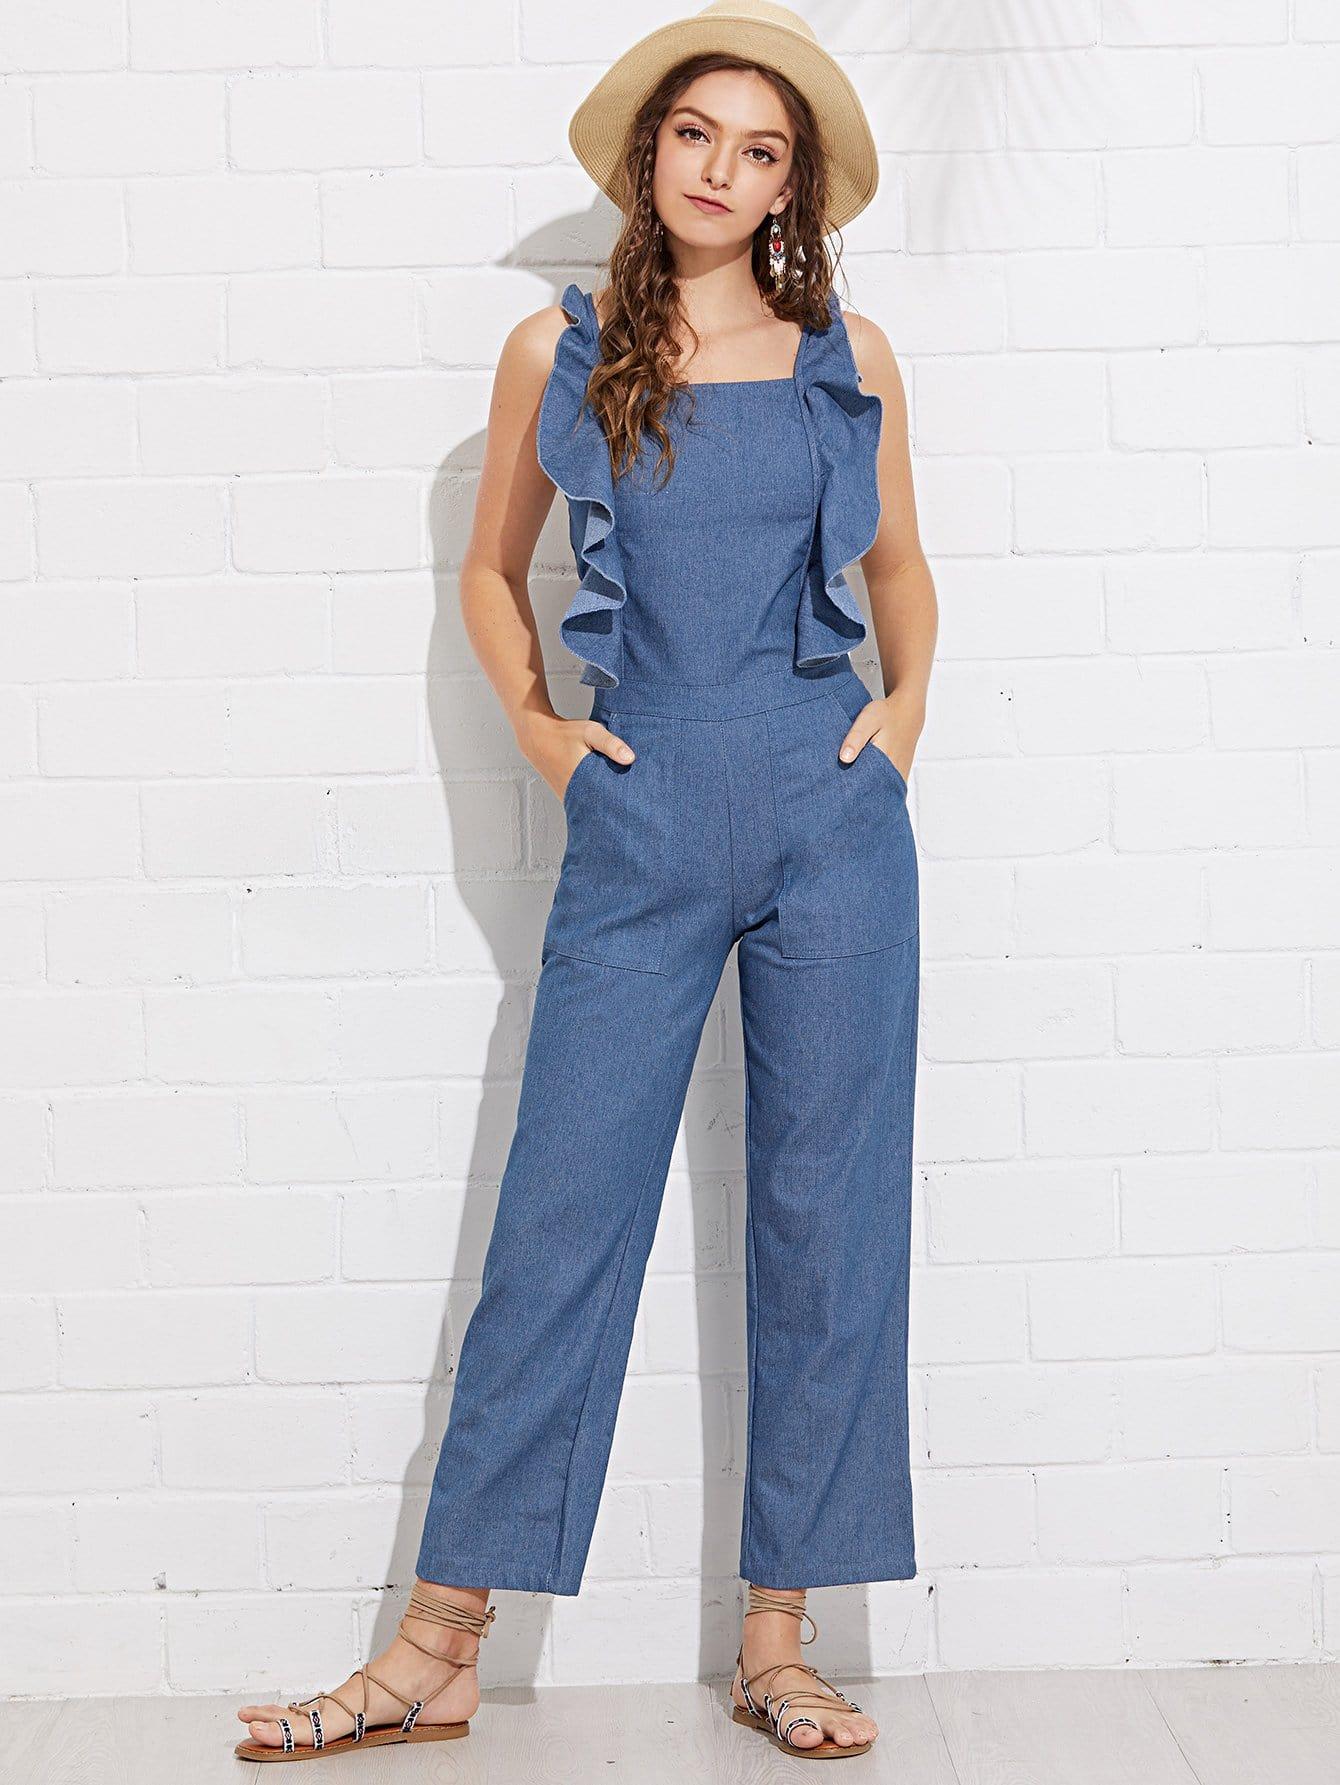 Купить Повседневный с воланами Синий джинсы-сарафан, Luiza, SheIn